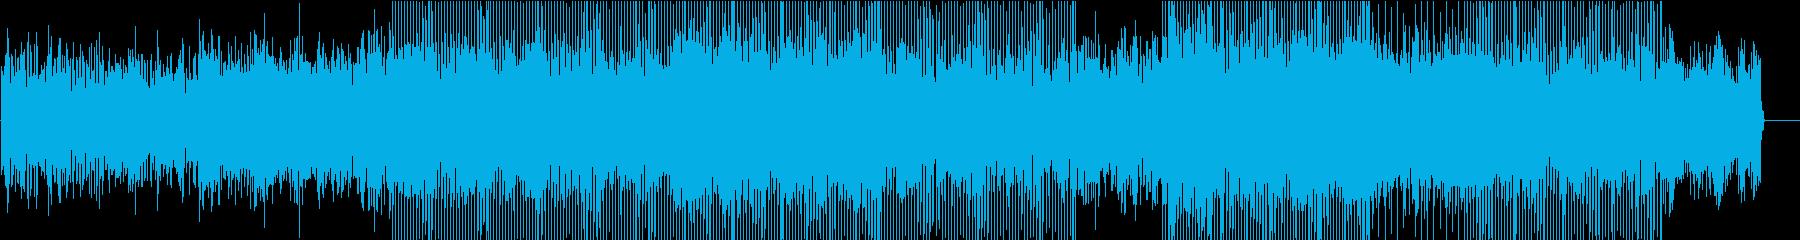 淡々 科学 流行 未来 追跡 スピードの再生済みの波形